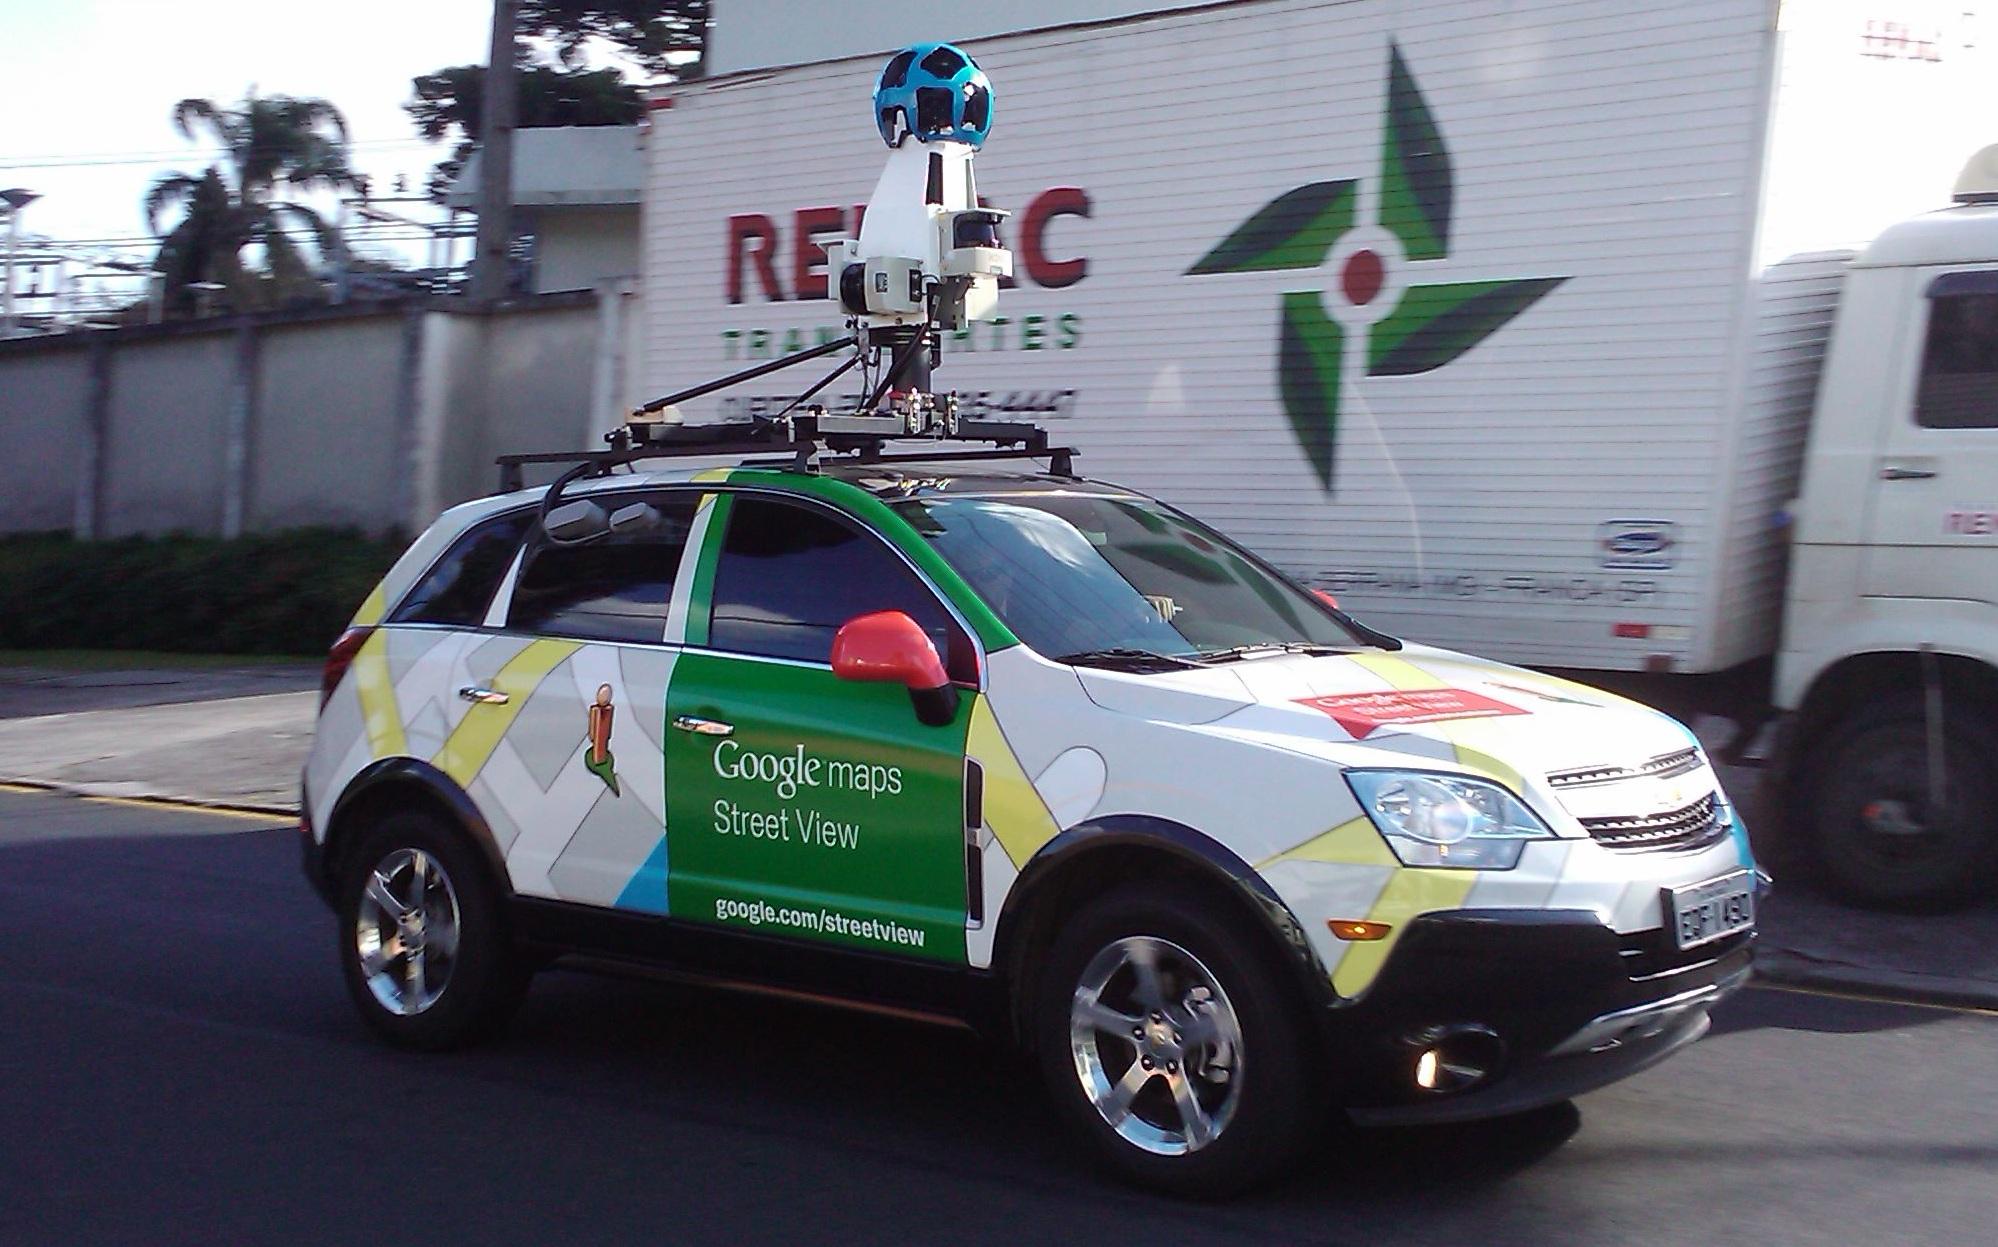 Foto: Novo visual do carro do Street View no Brasil